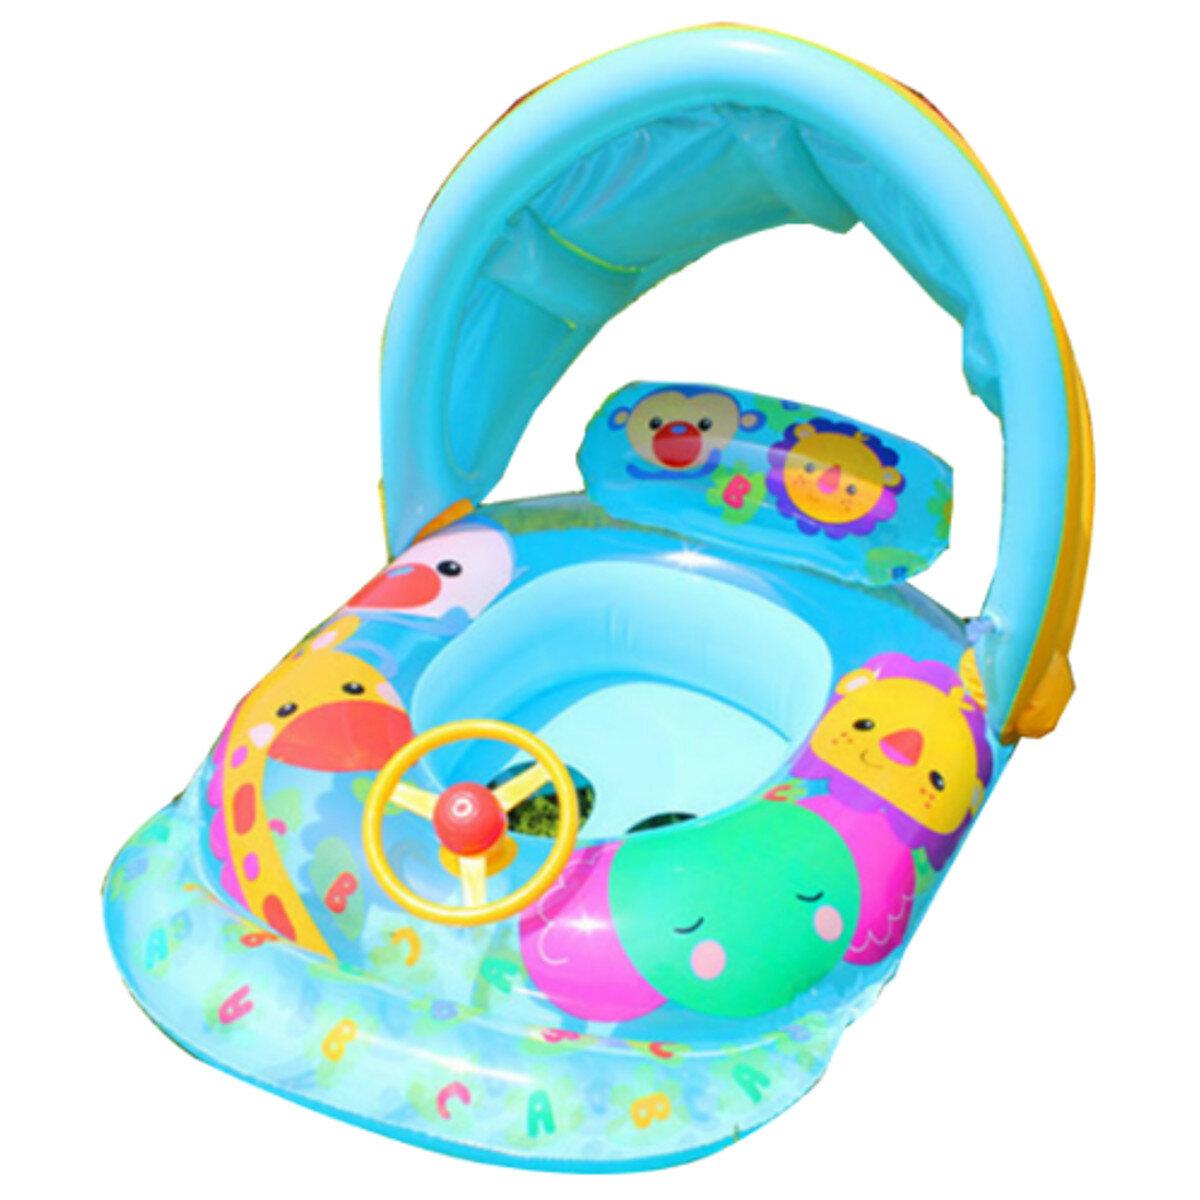 Bebé niños flotador asiento inflable barco anillo de natación diversión natación Piscina con sombrilla